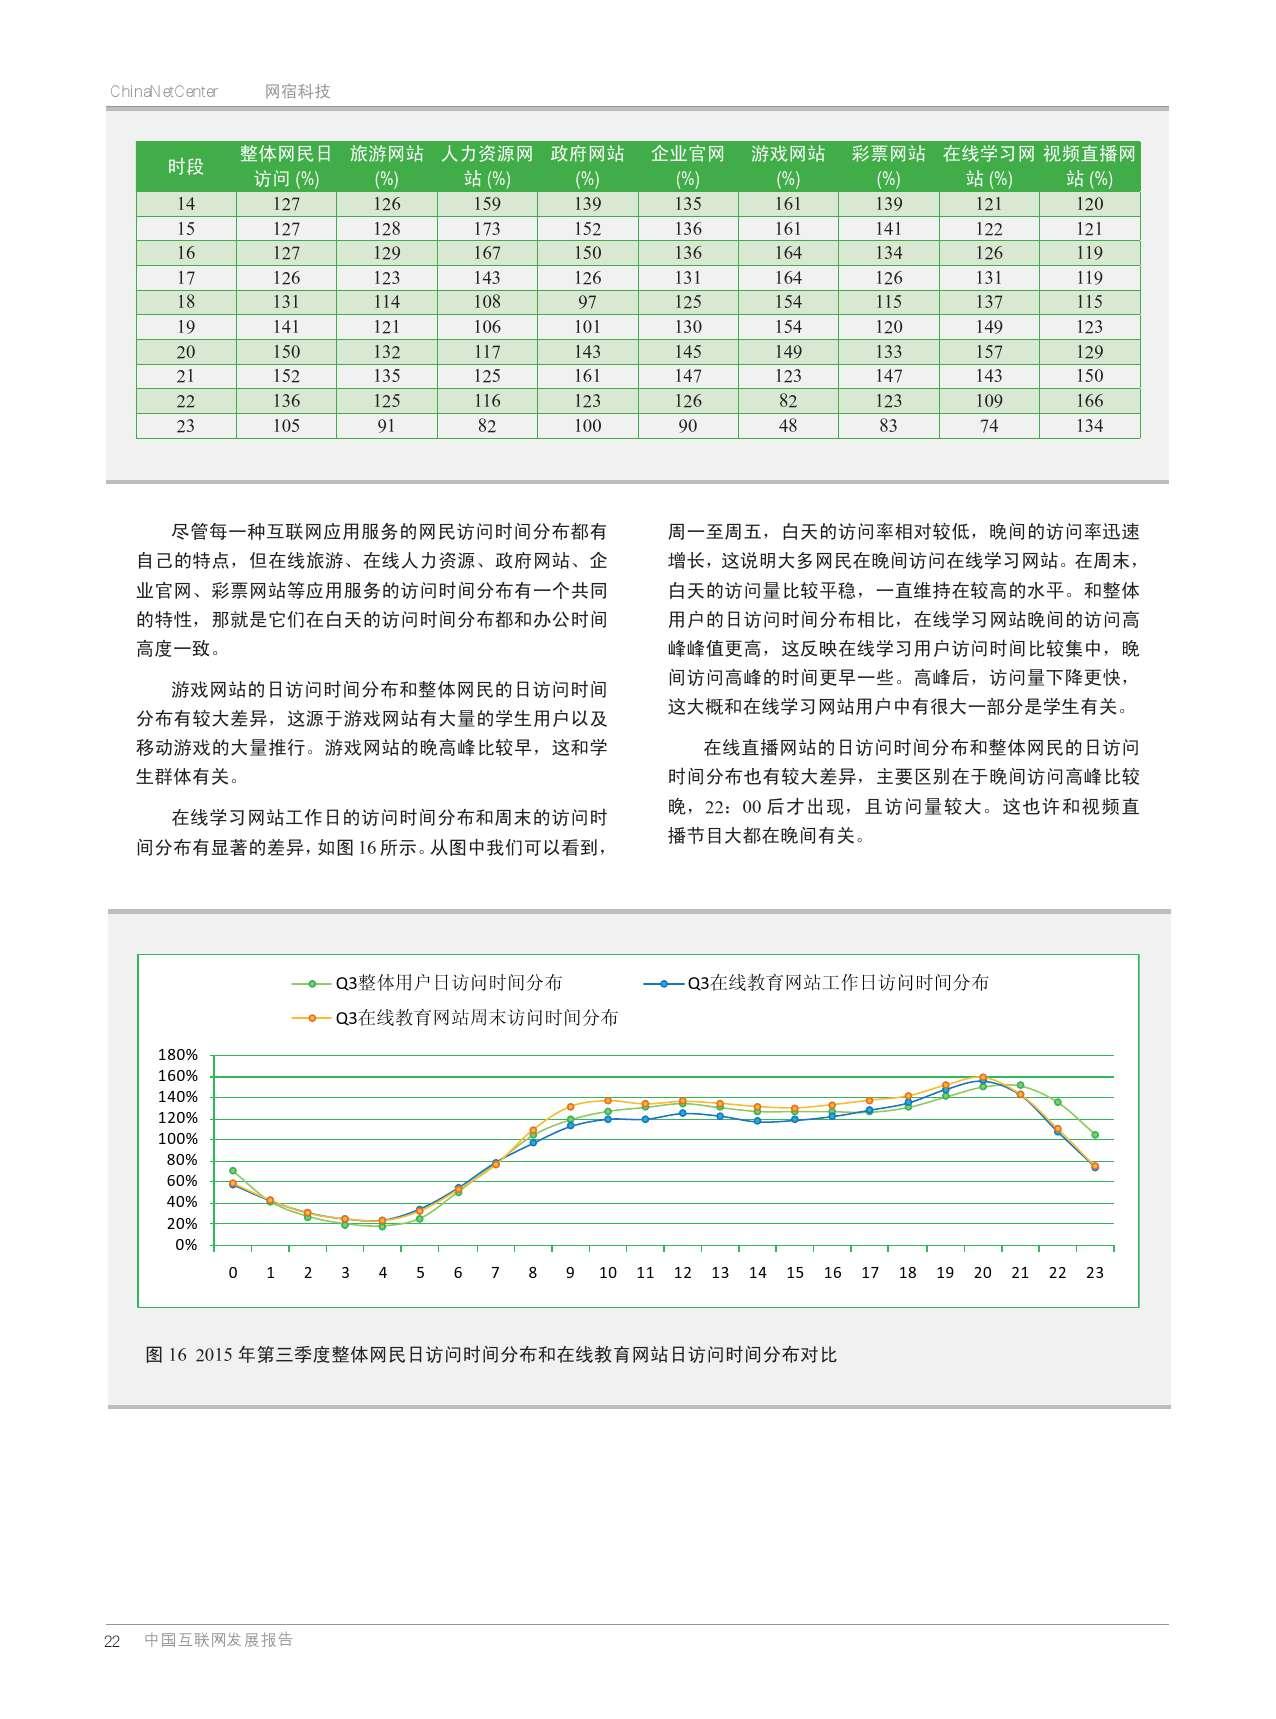 网宿:2015年Q3互联网报告_000021